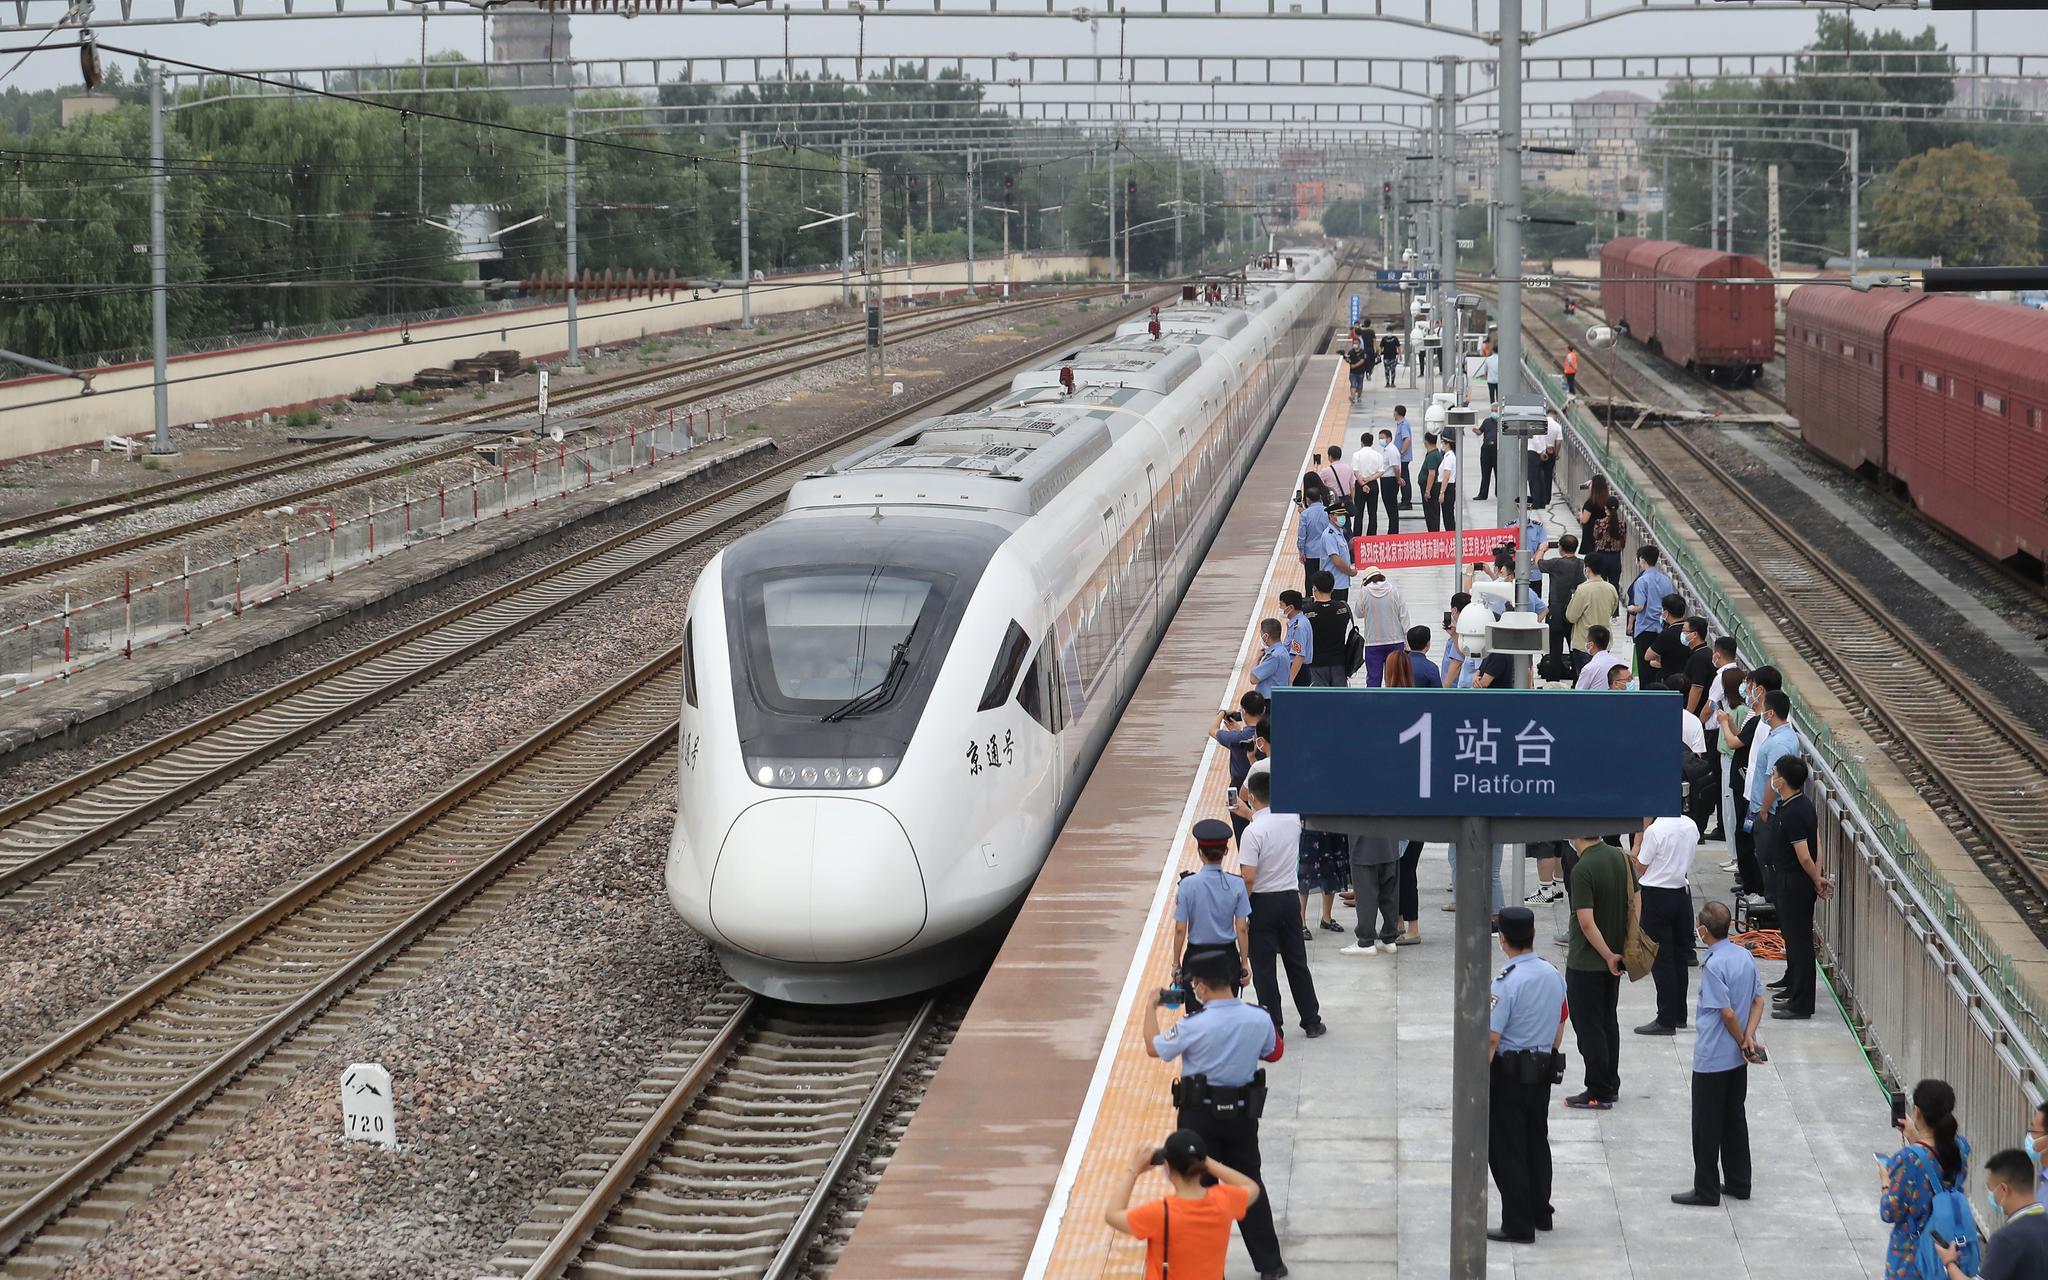 良乡火车站,市郊铁路副中心线西延今起开通运行。新京报记者 王贵彬 摄